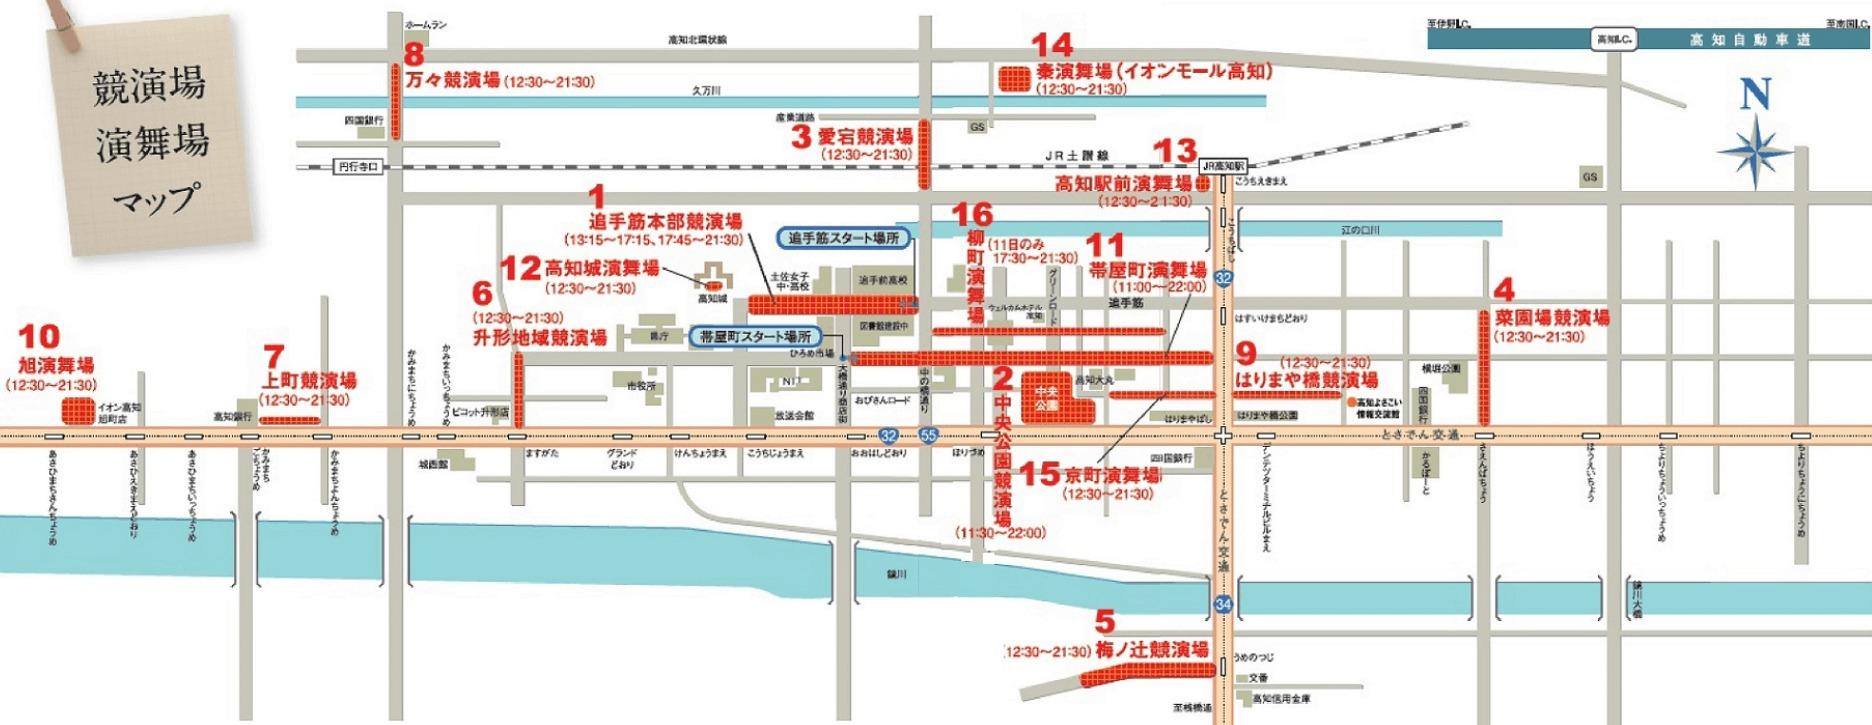 高知よさこい祭り 演舞場 競演場 地図